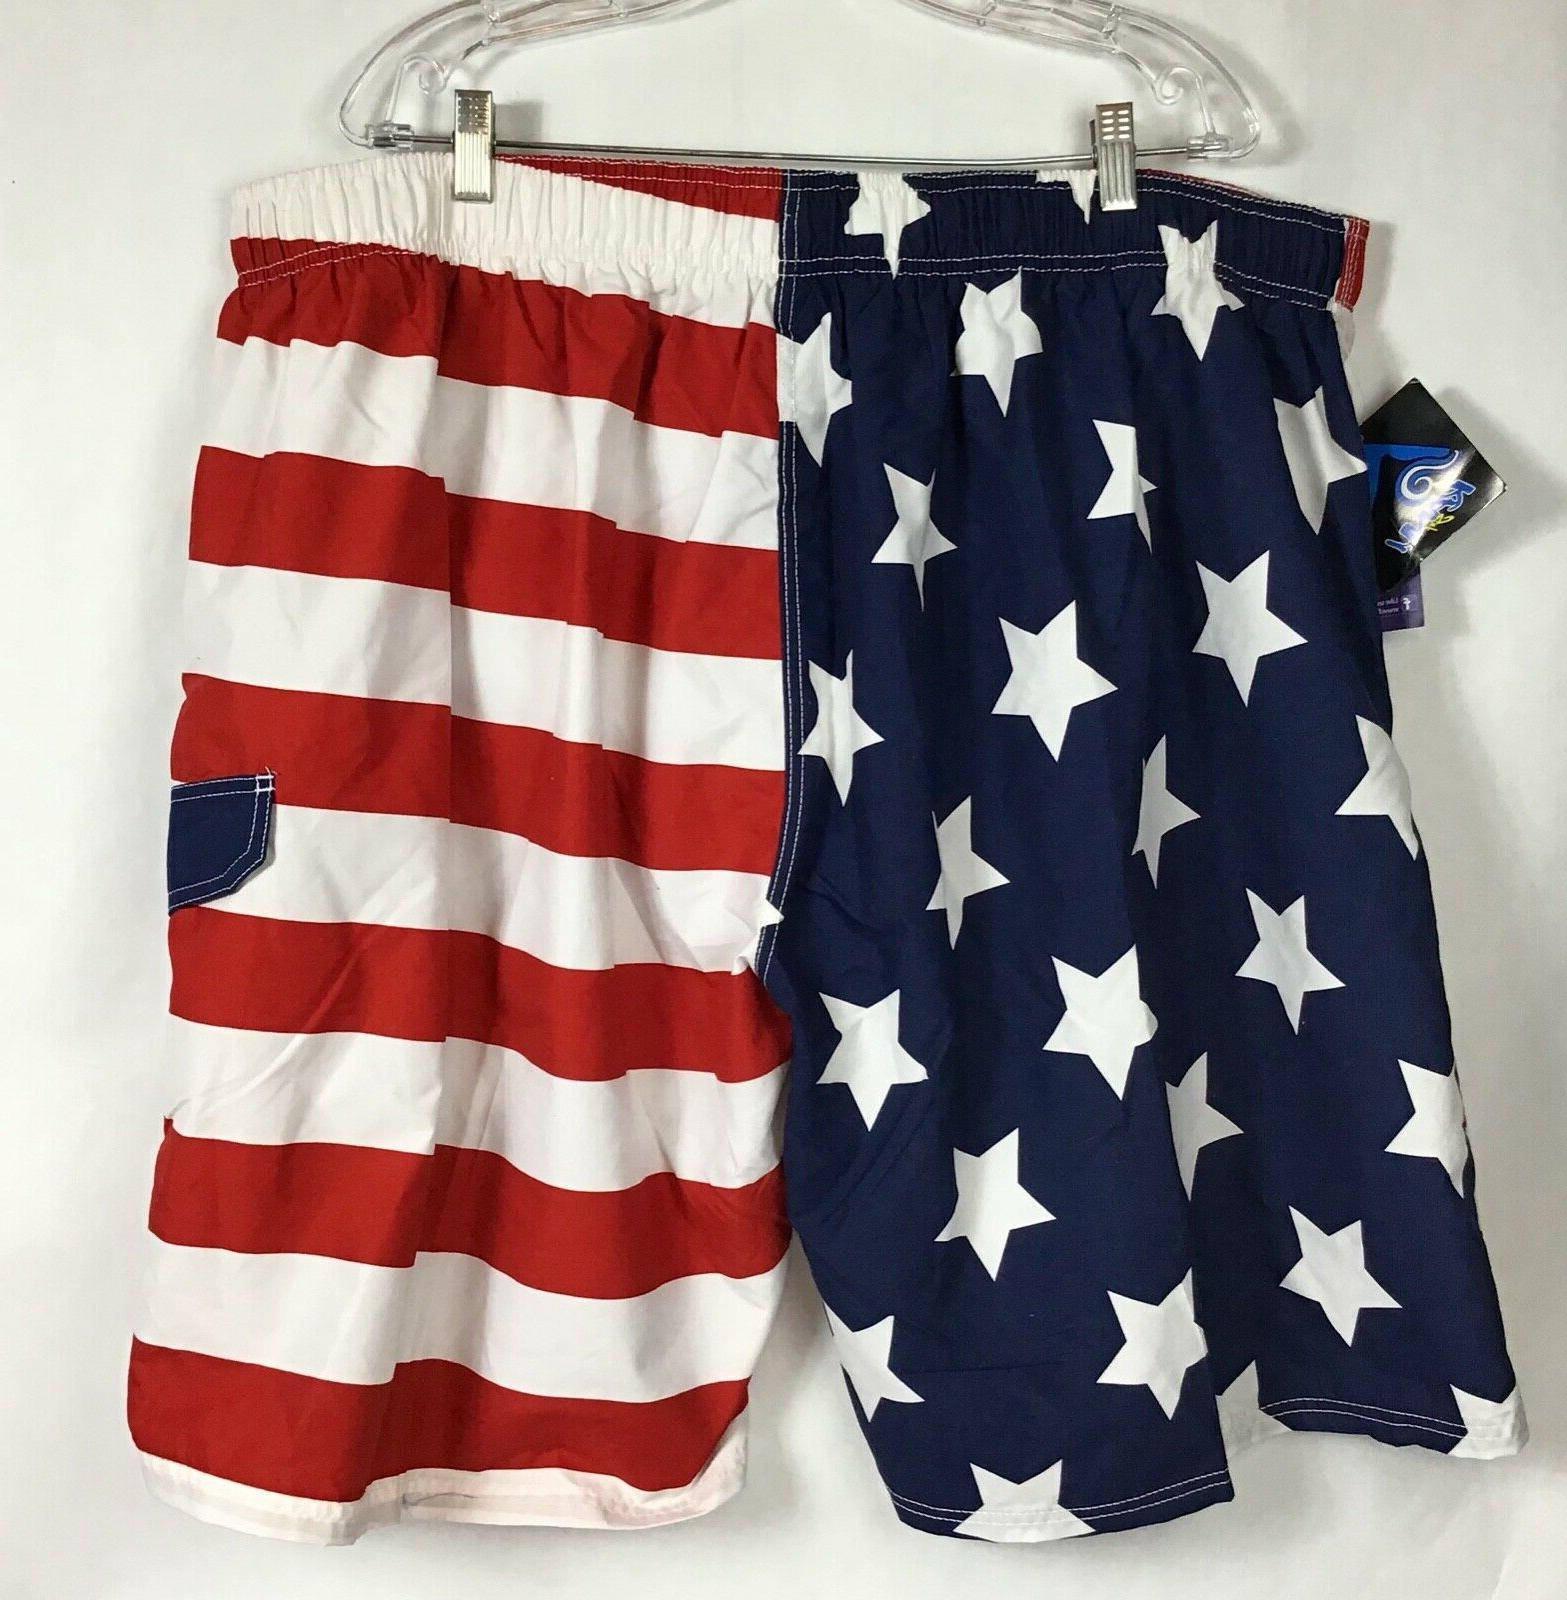 KANU Americana Swiim Trunks Board Mesh Flag